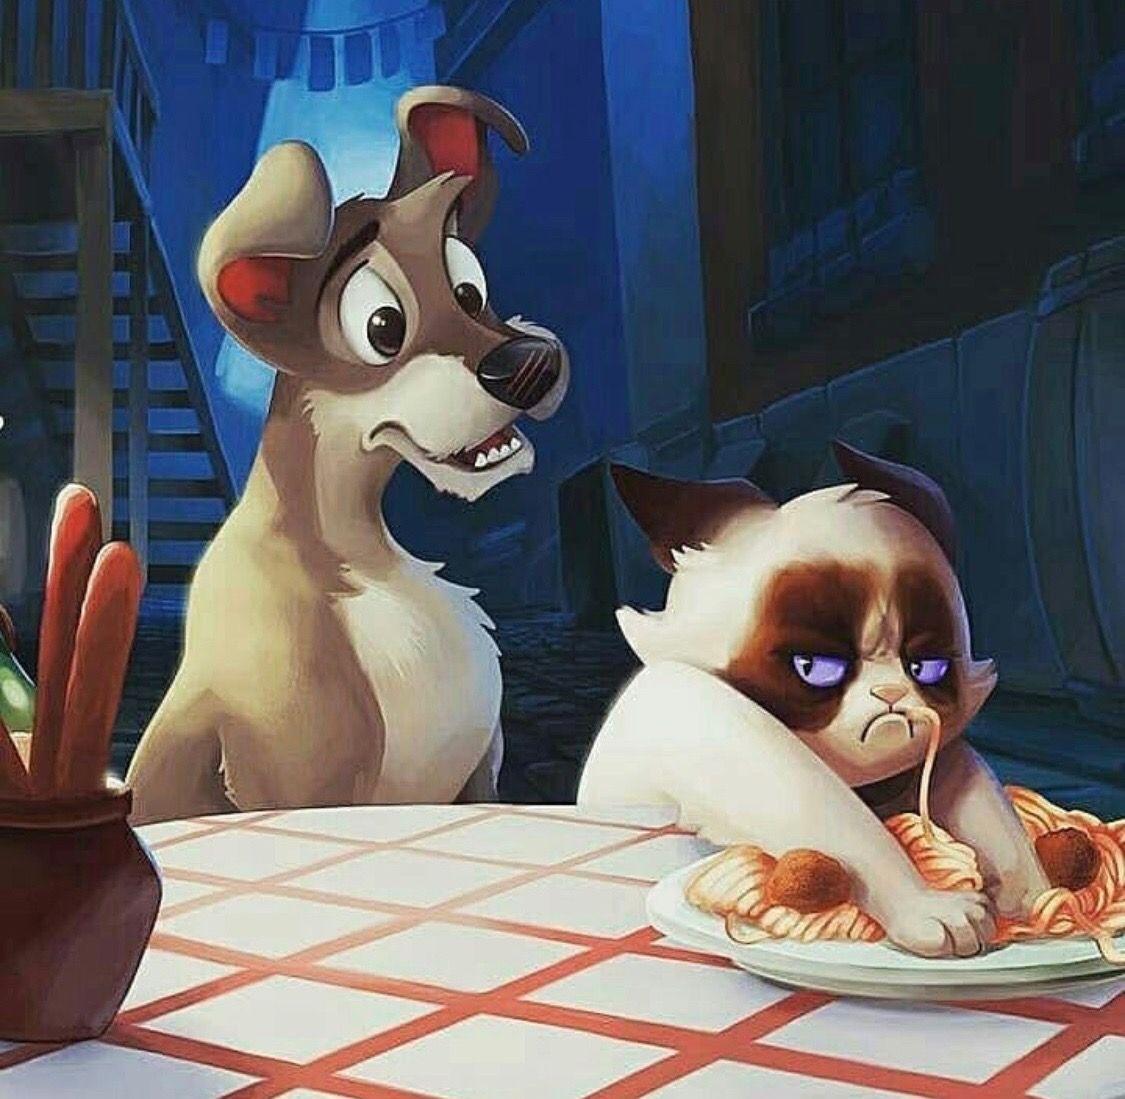 Pin By Jasmine Goree On Humor Disney Fan Art Grumpy Cat Disney Art